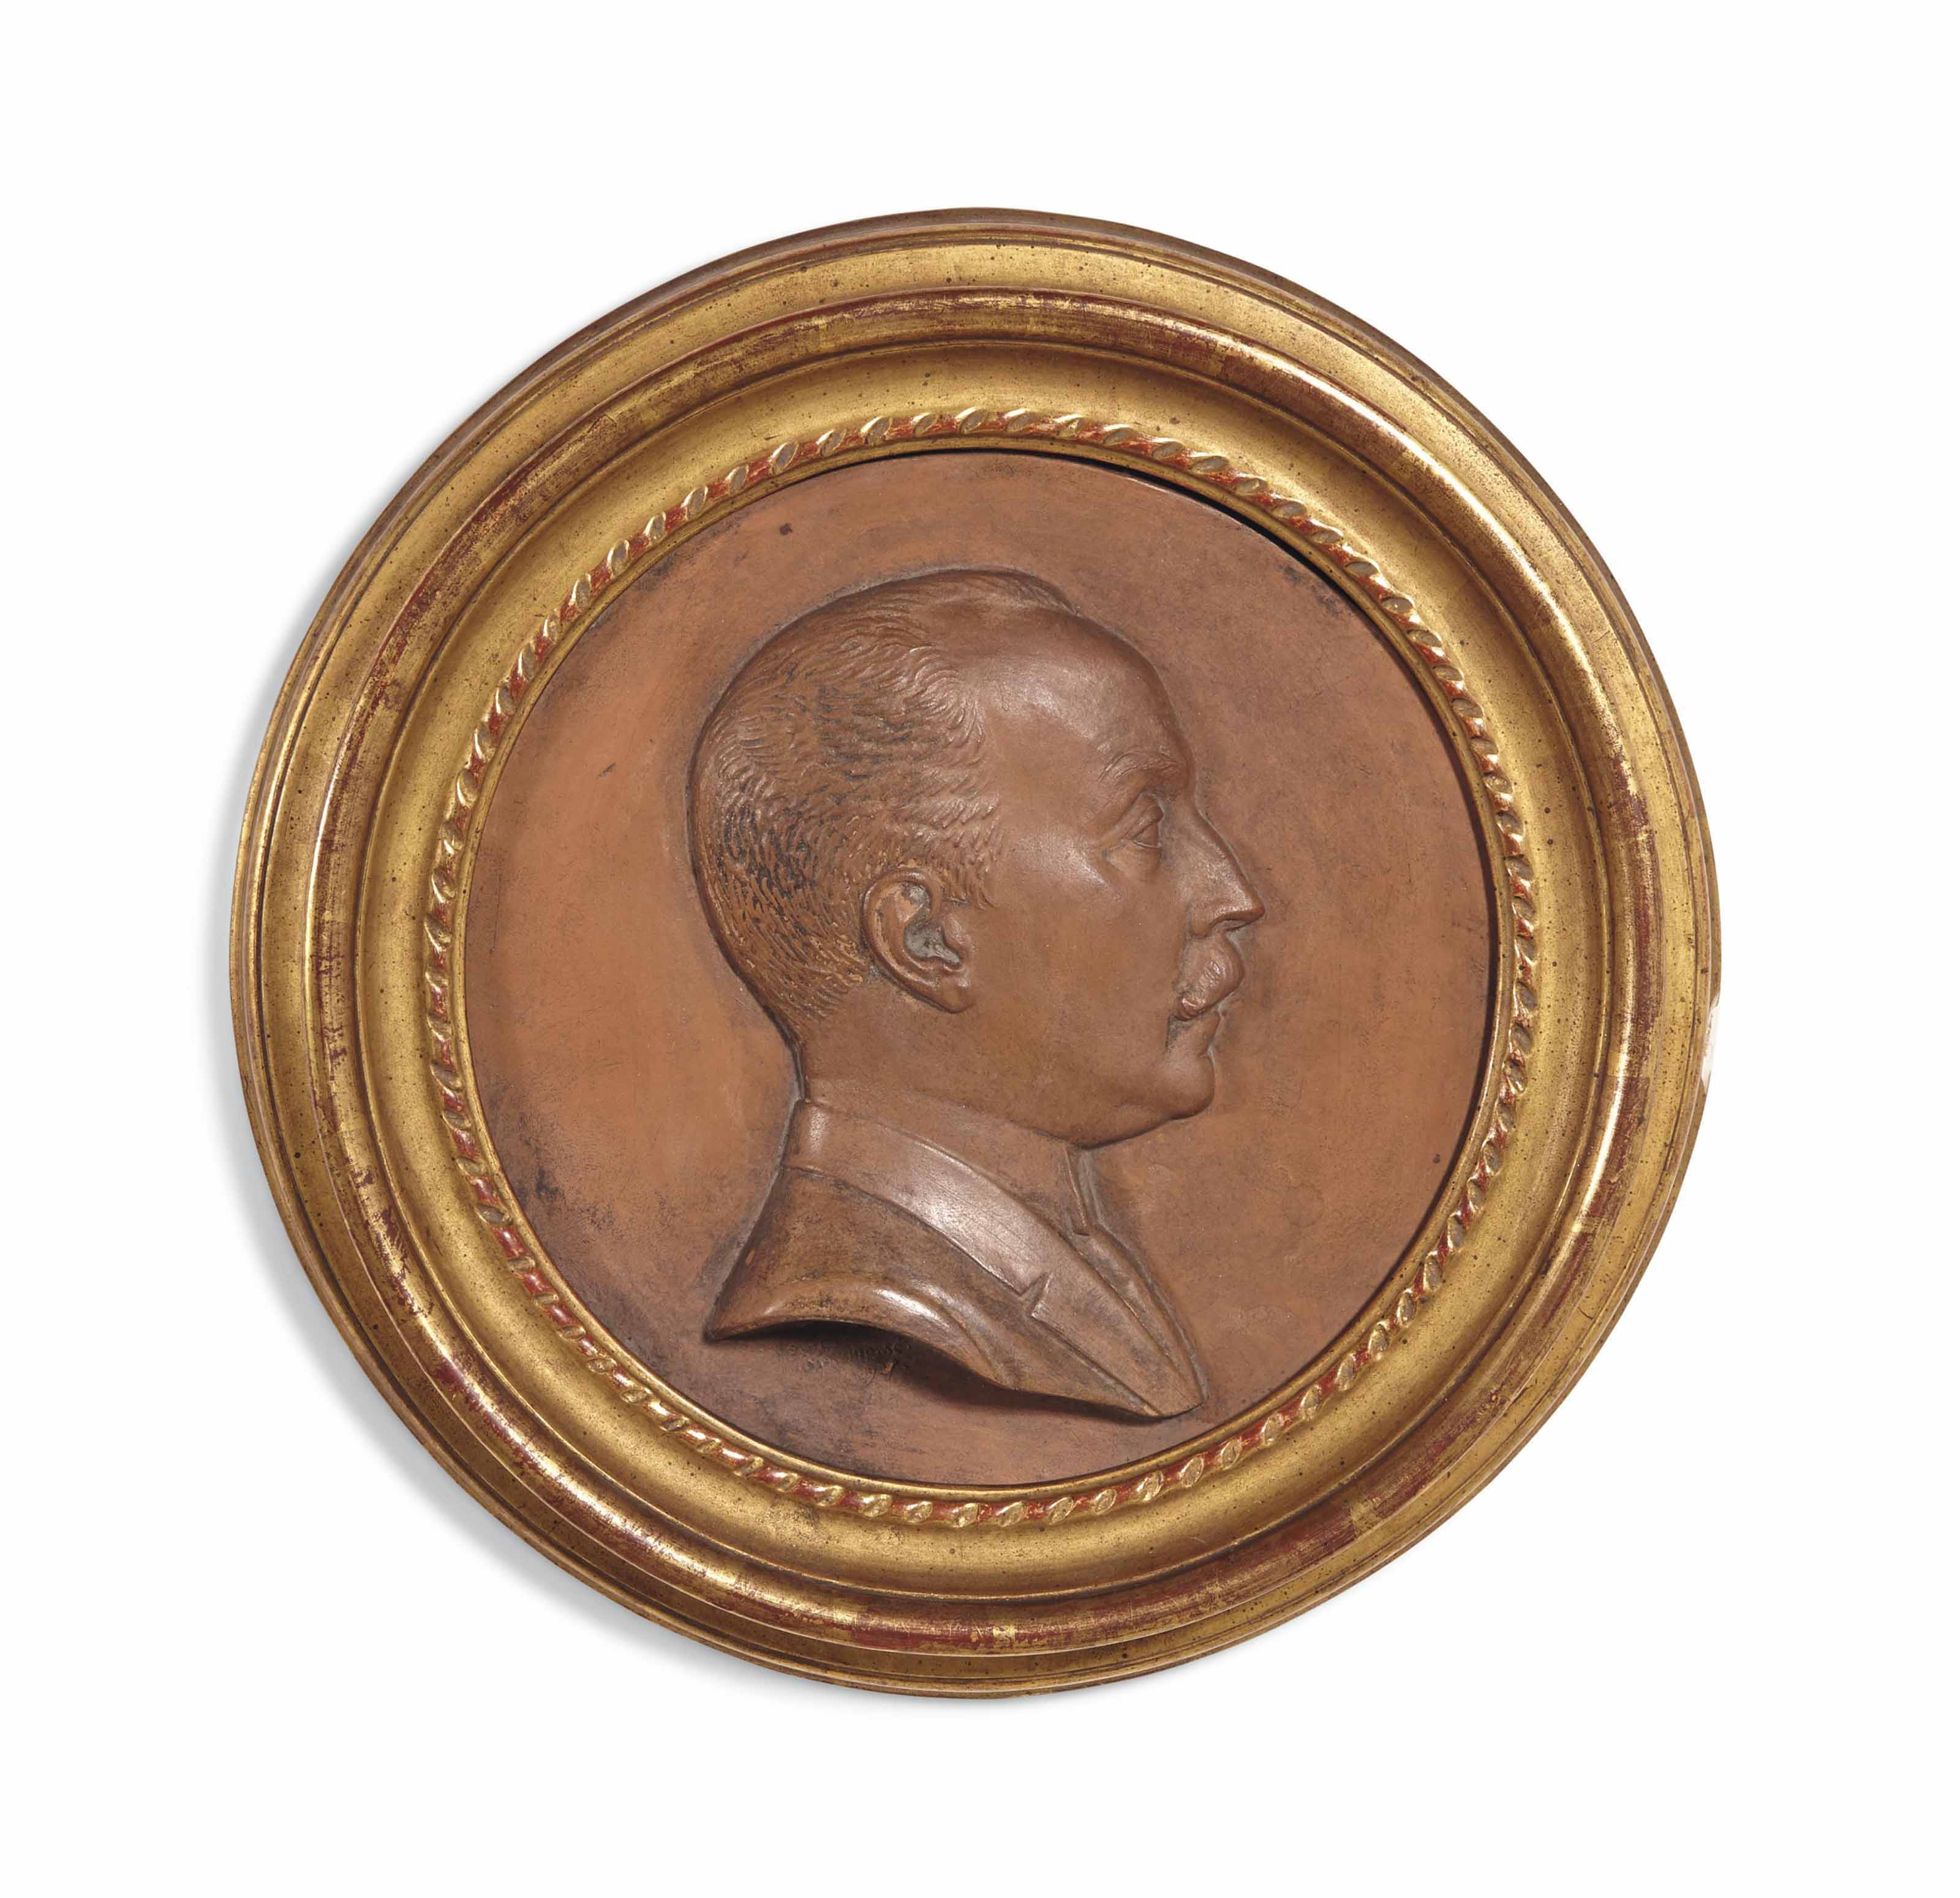 MÉDAILLON EN TERRE CUITE REPRÉSENTANT LE MARQUIS BONI DE CASTELLANE (1867-1932)